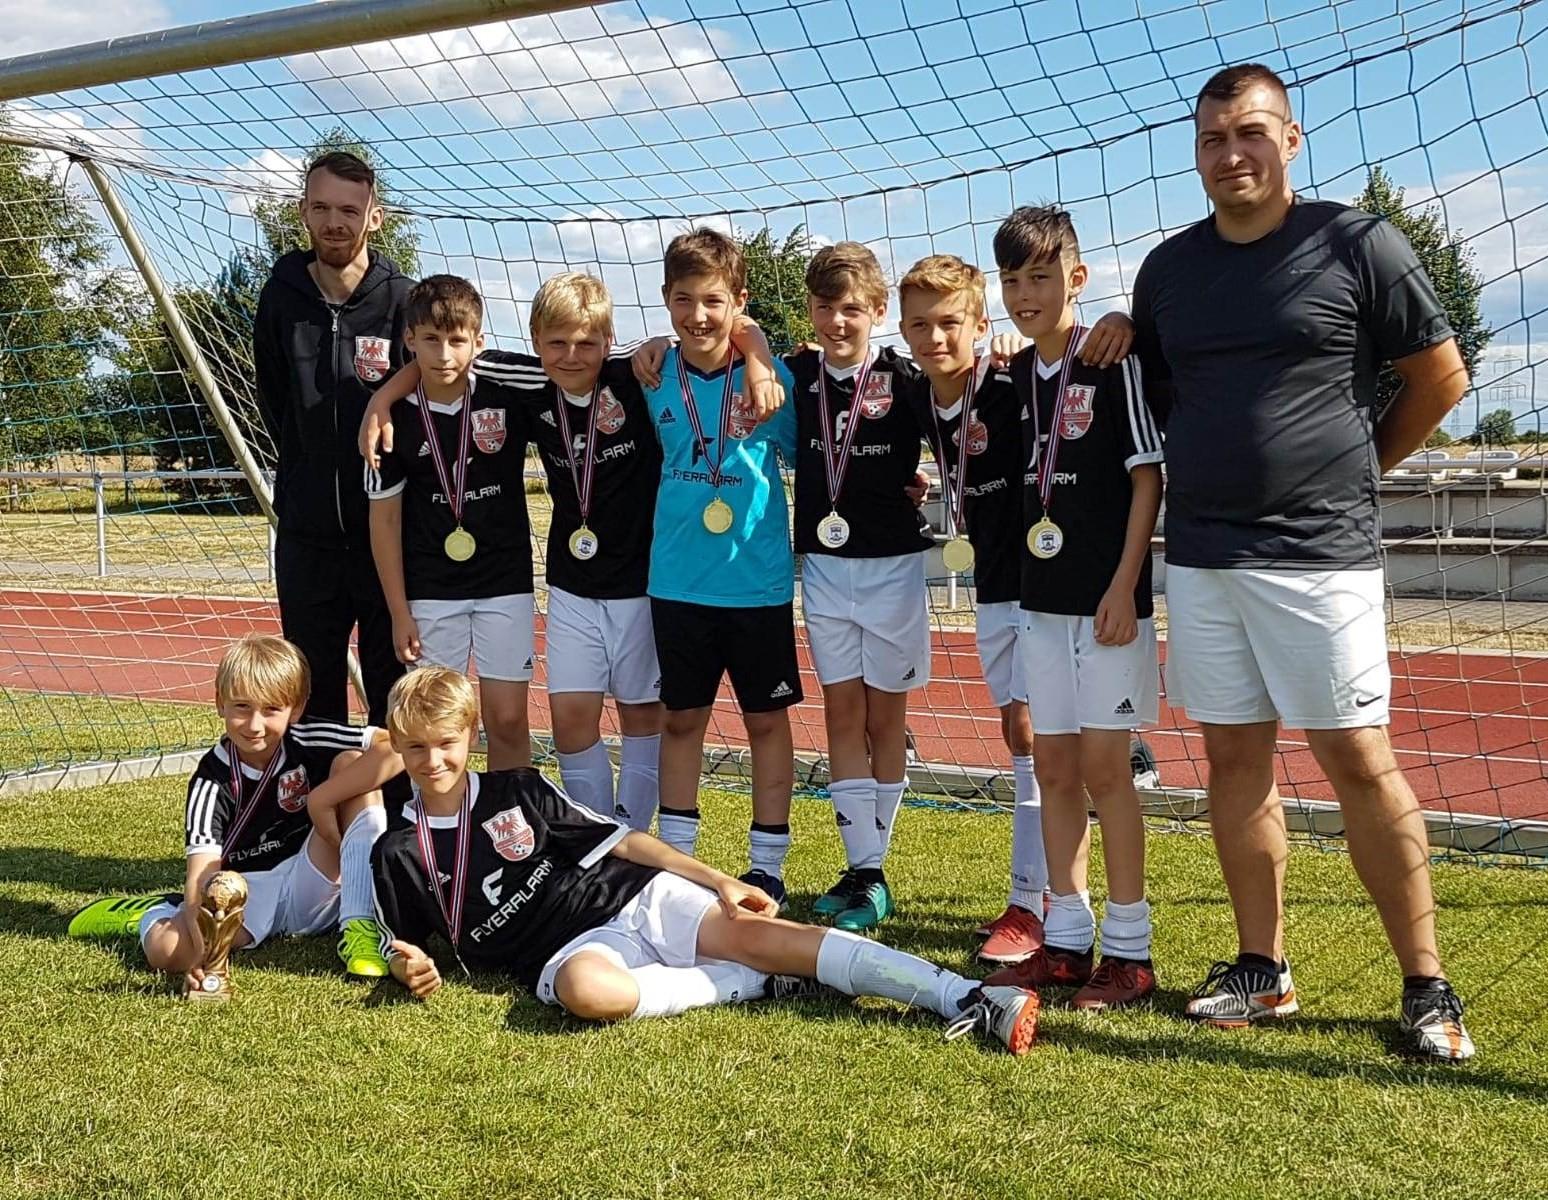 Mannschaftsfoto Fussballclub Neuenhagen 2